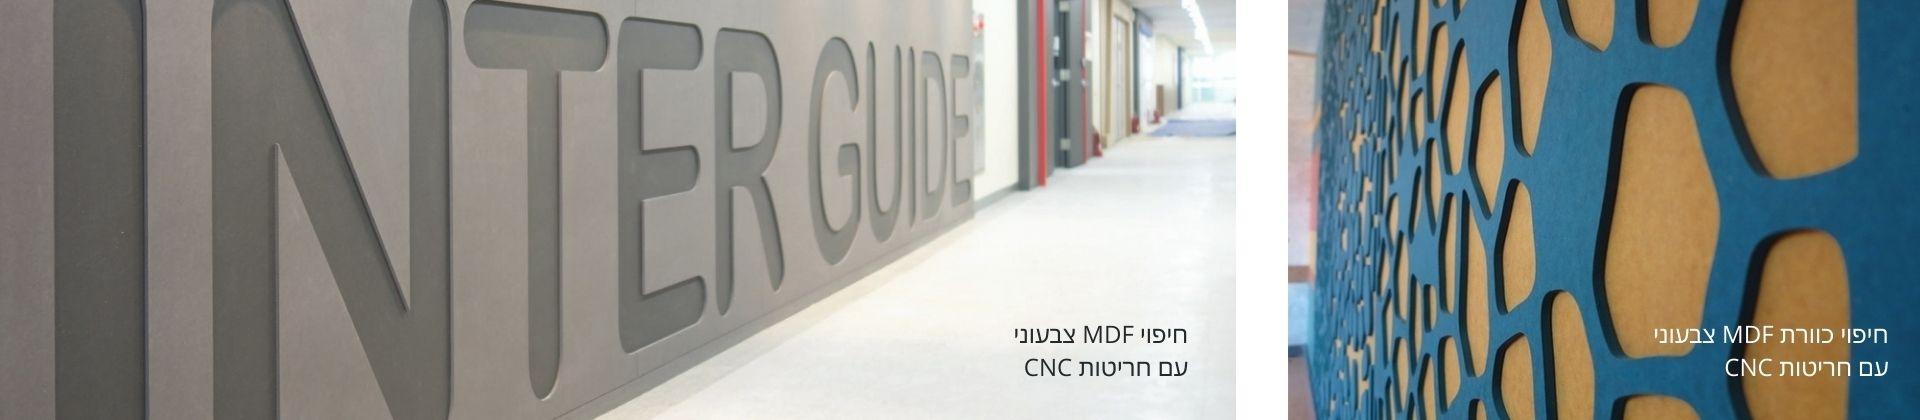 חיפוי MDF צבעוני עם חריטות CNC ייצור בלורן